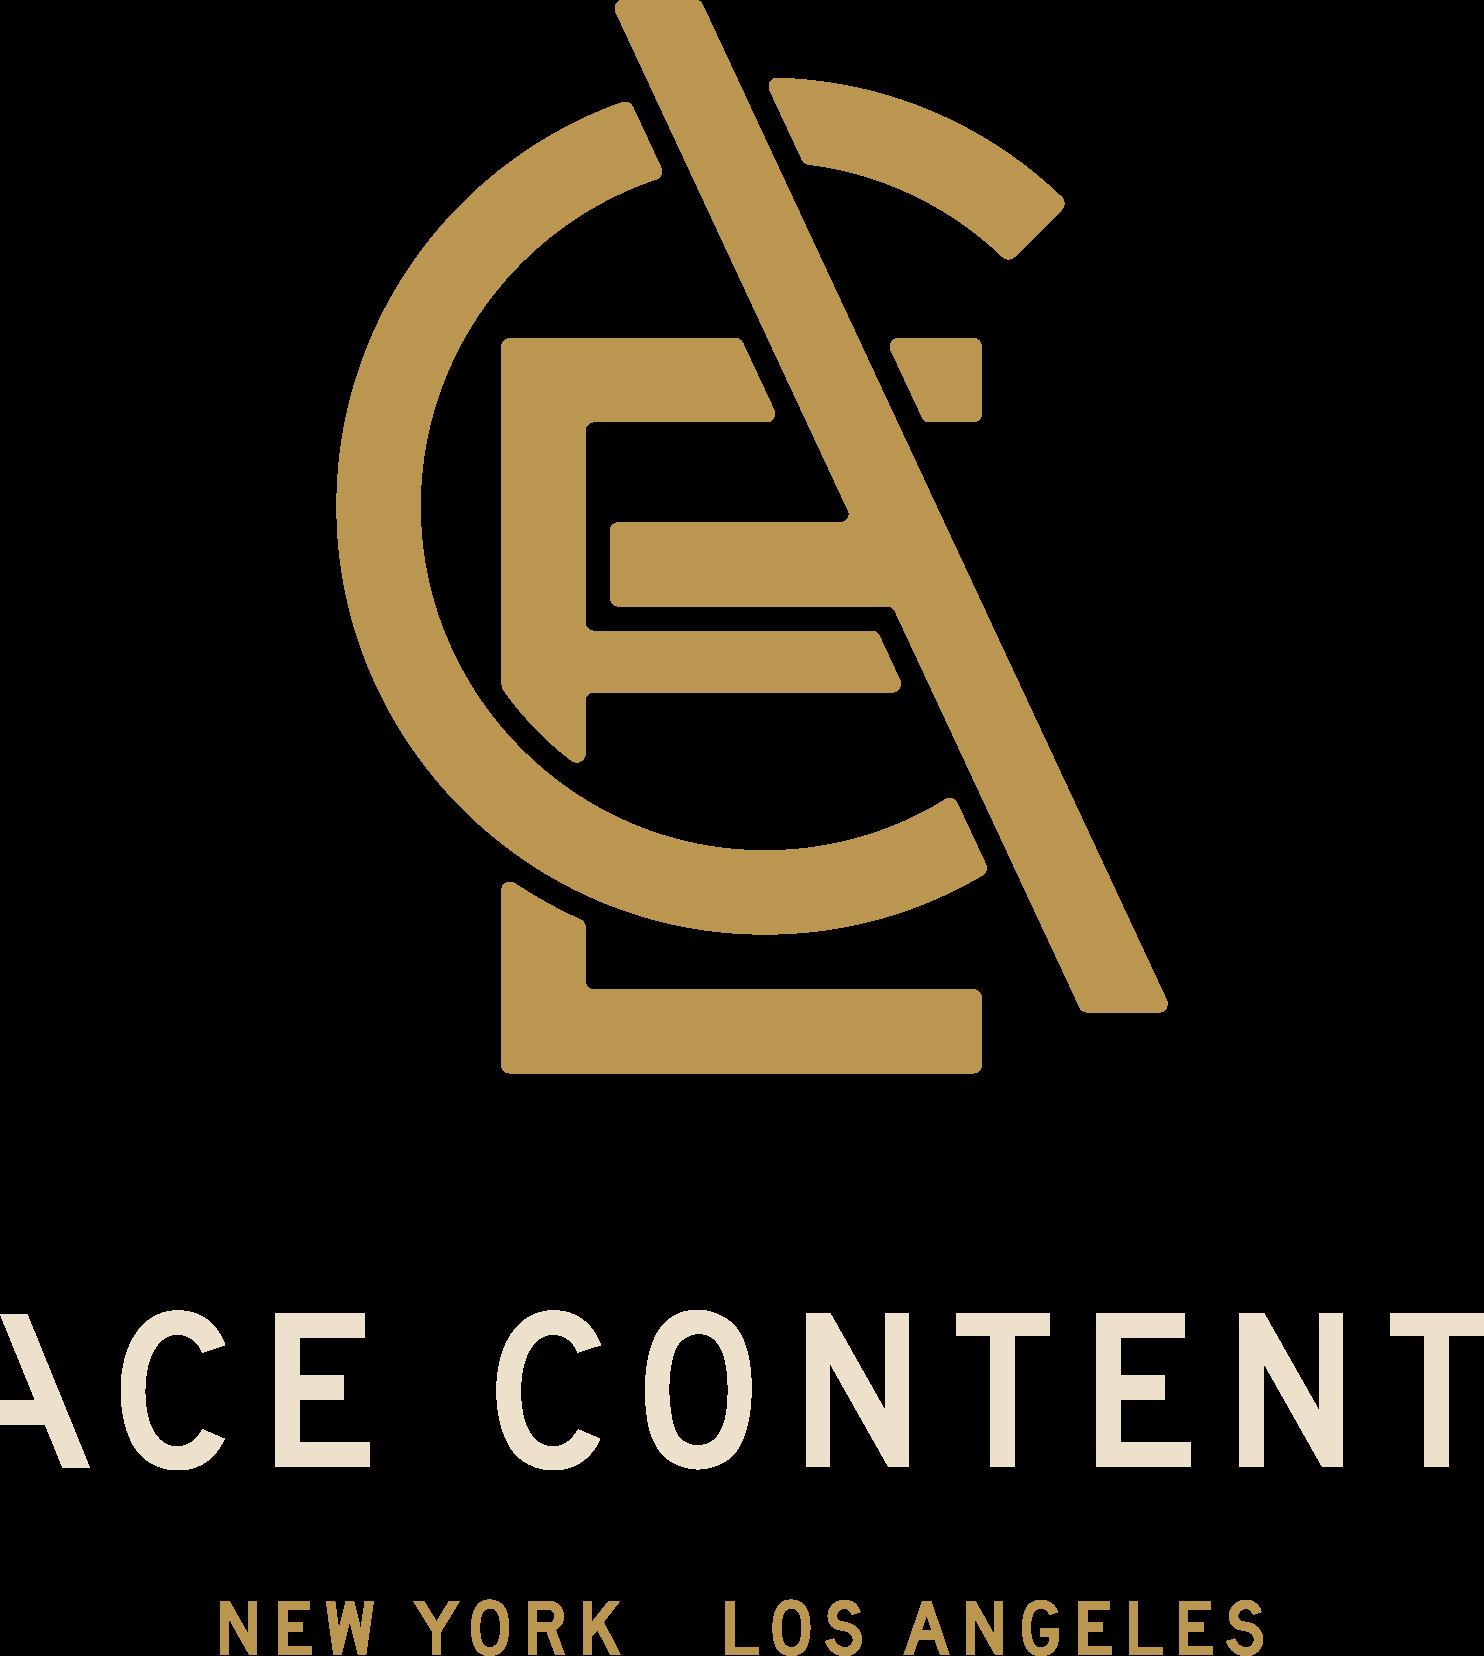 Ace Content